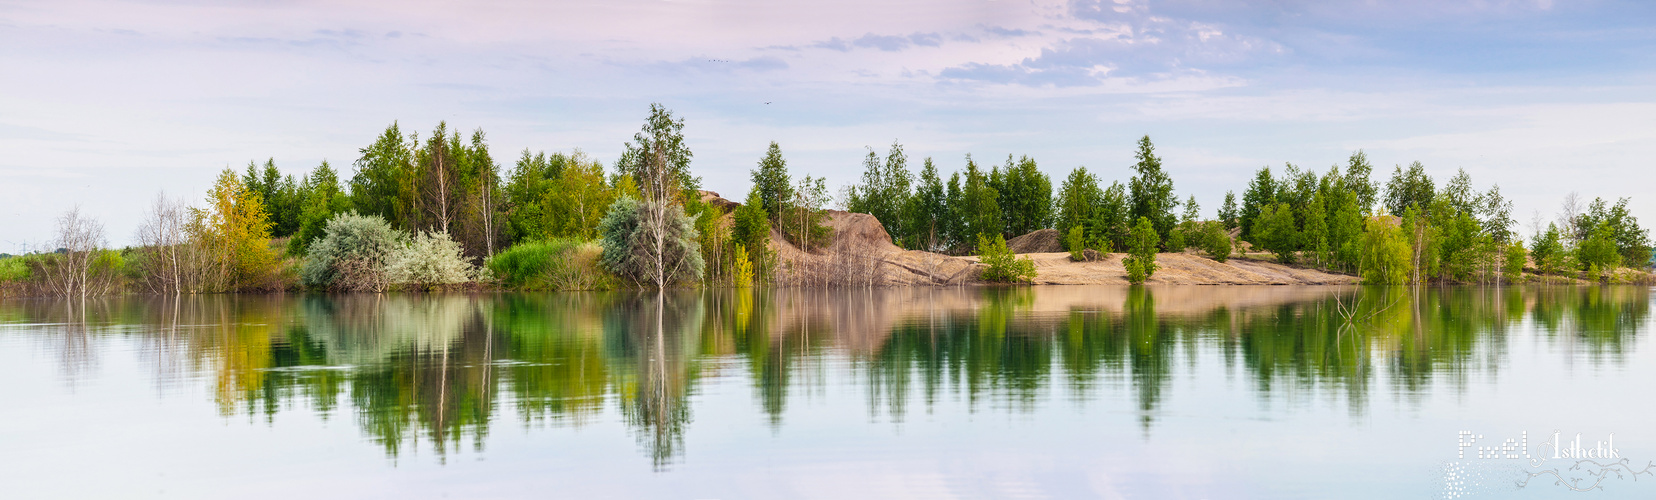 Inselparadies im Zwenkauer See